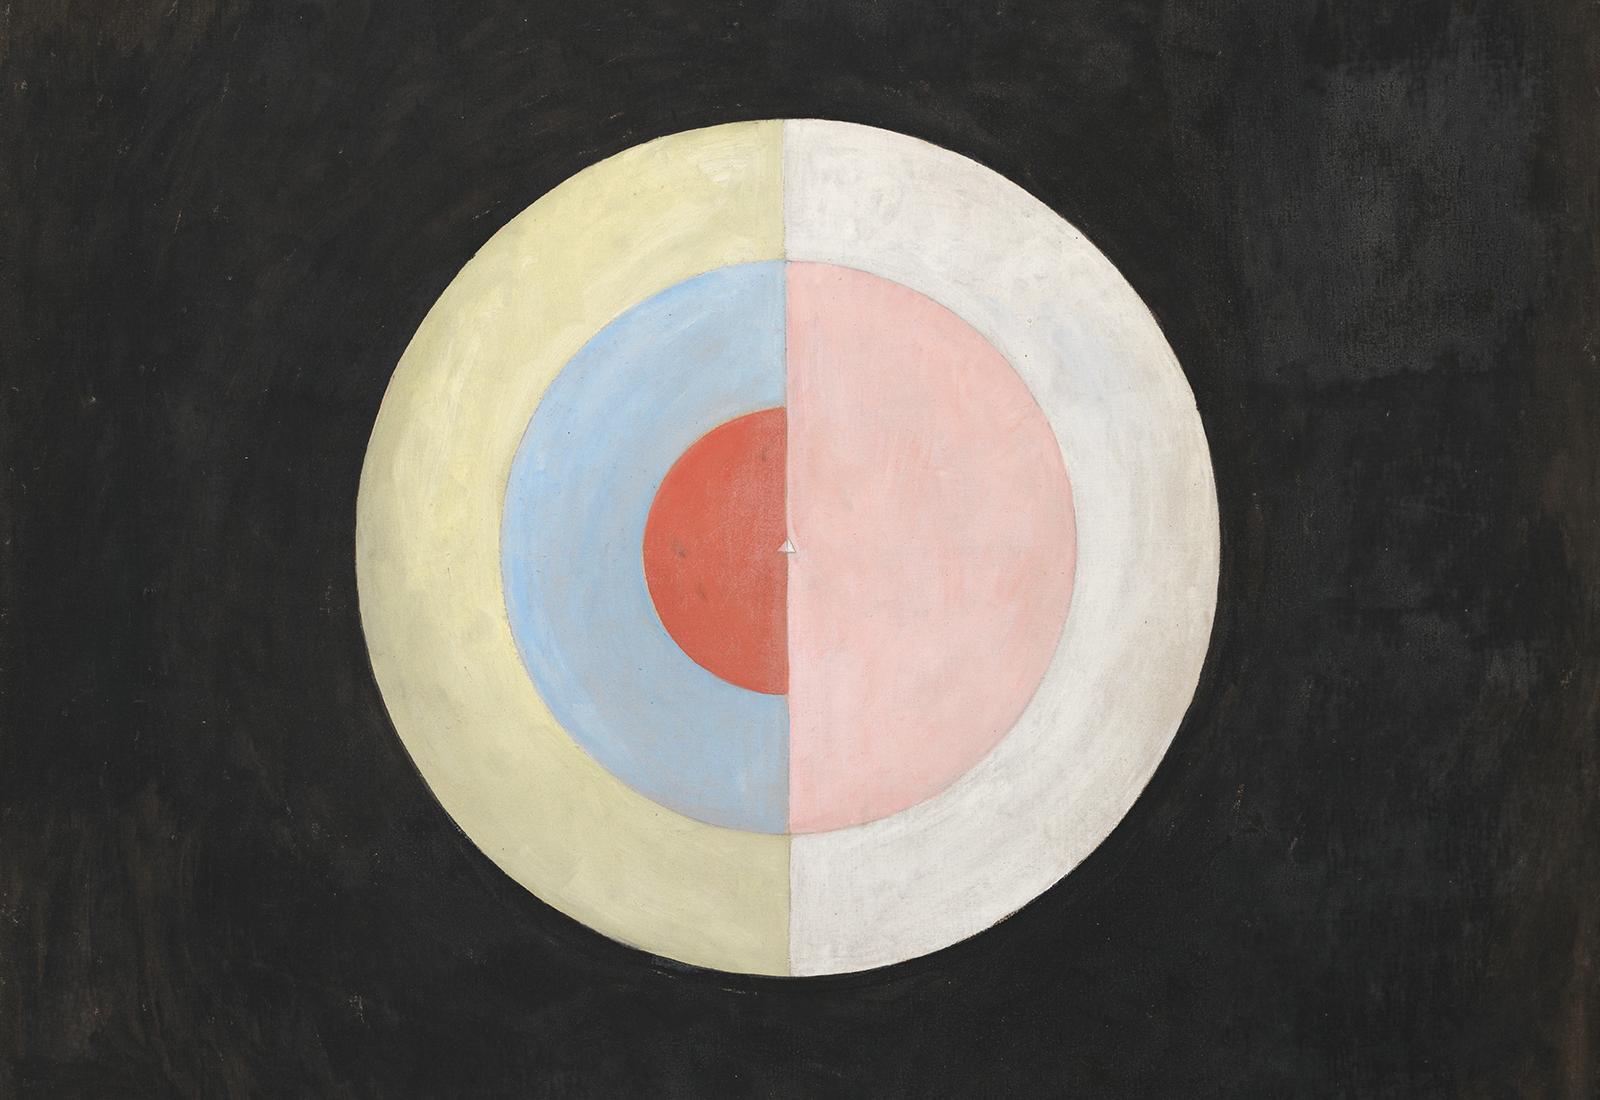 Un tableau représentant un cercle en morceaux sur un fond noir